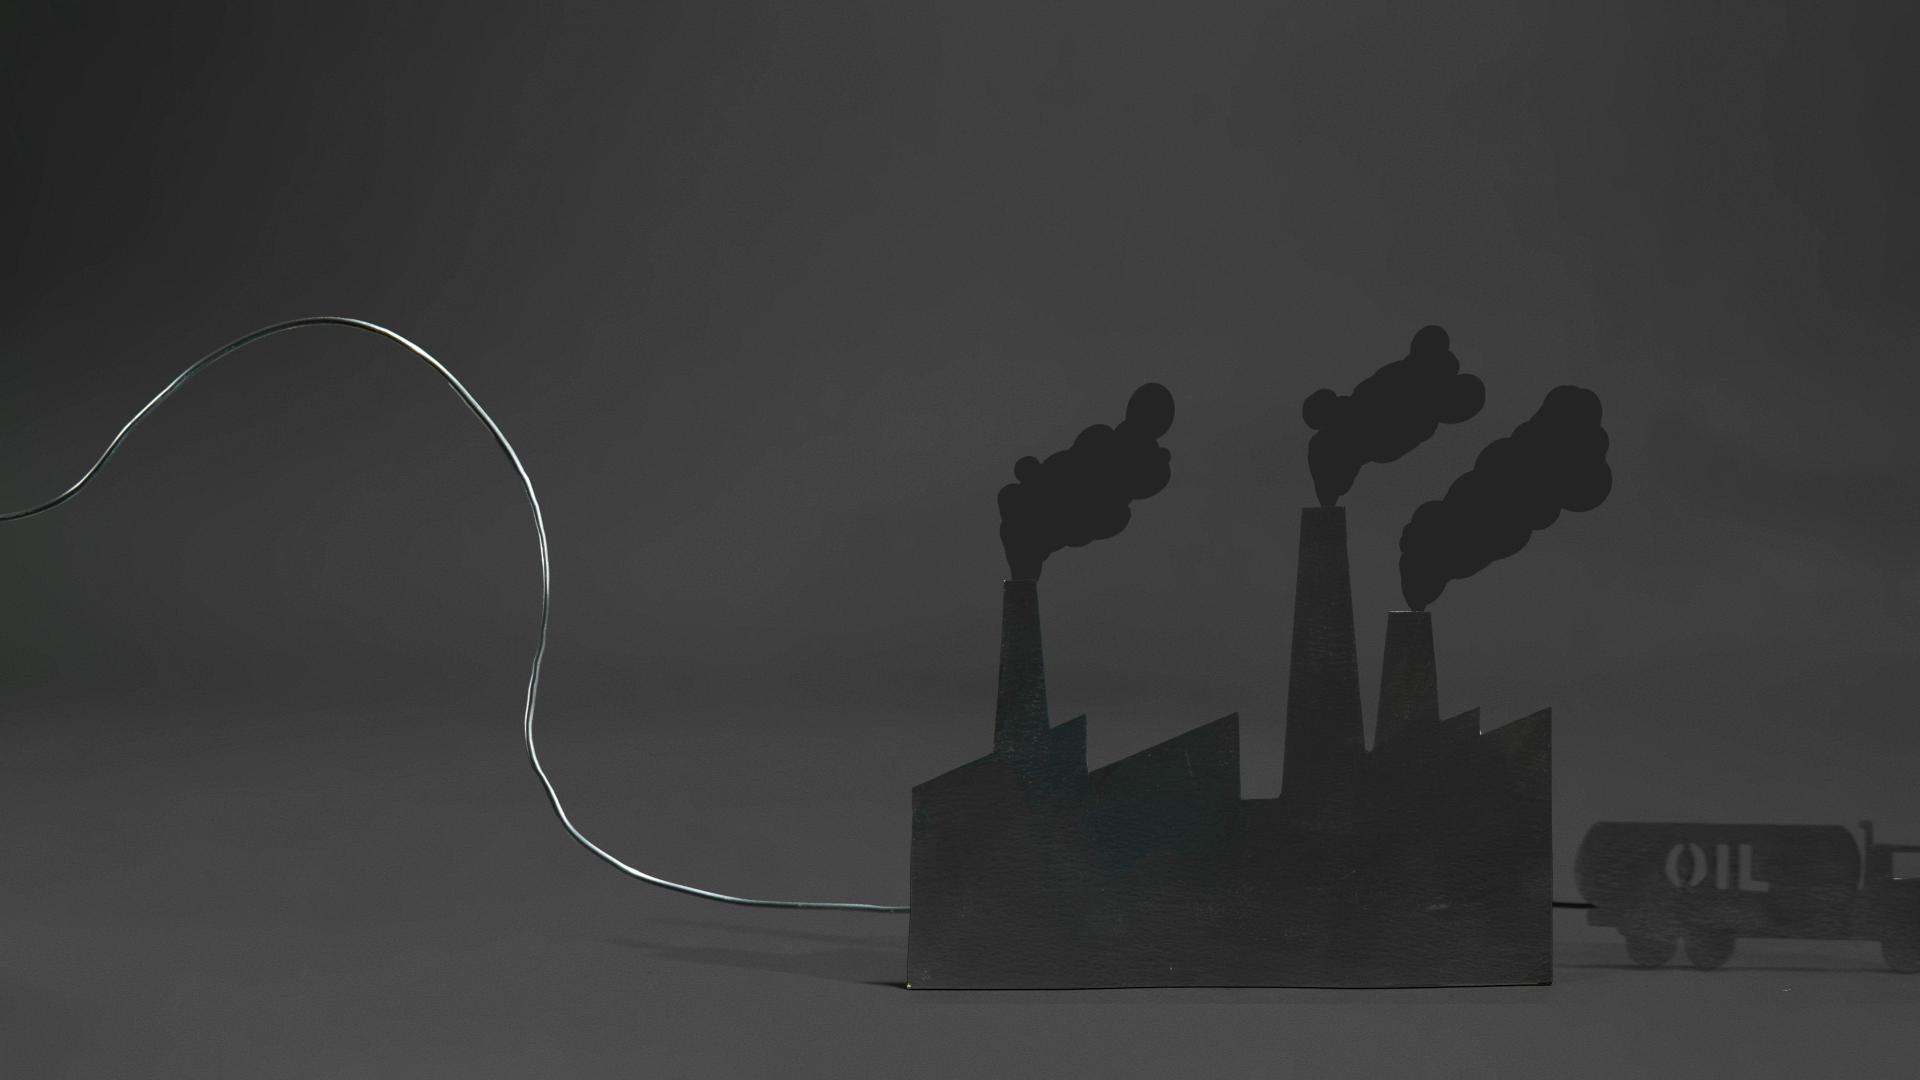 Vox_Stills_04